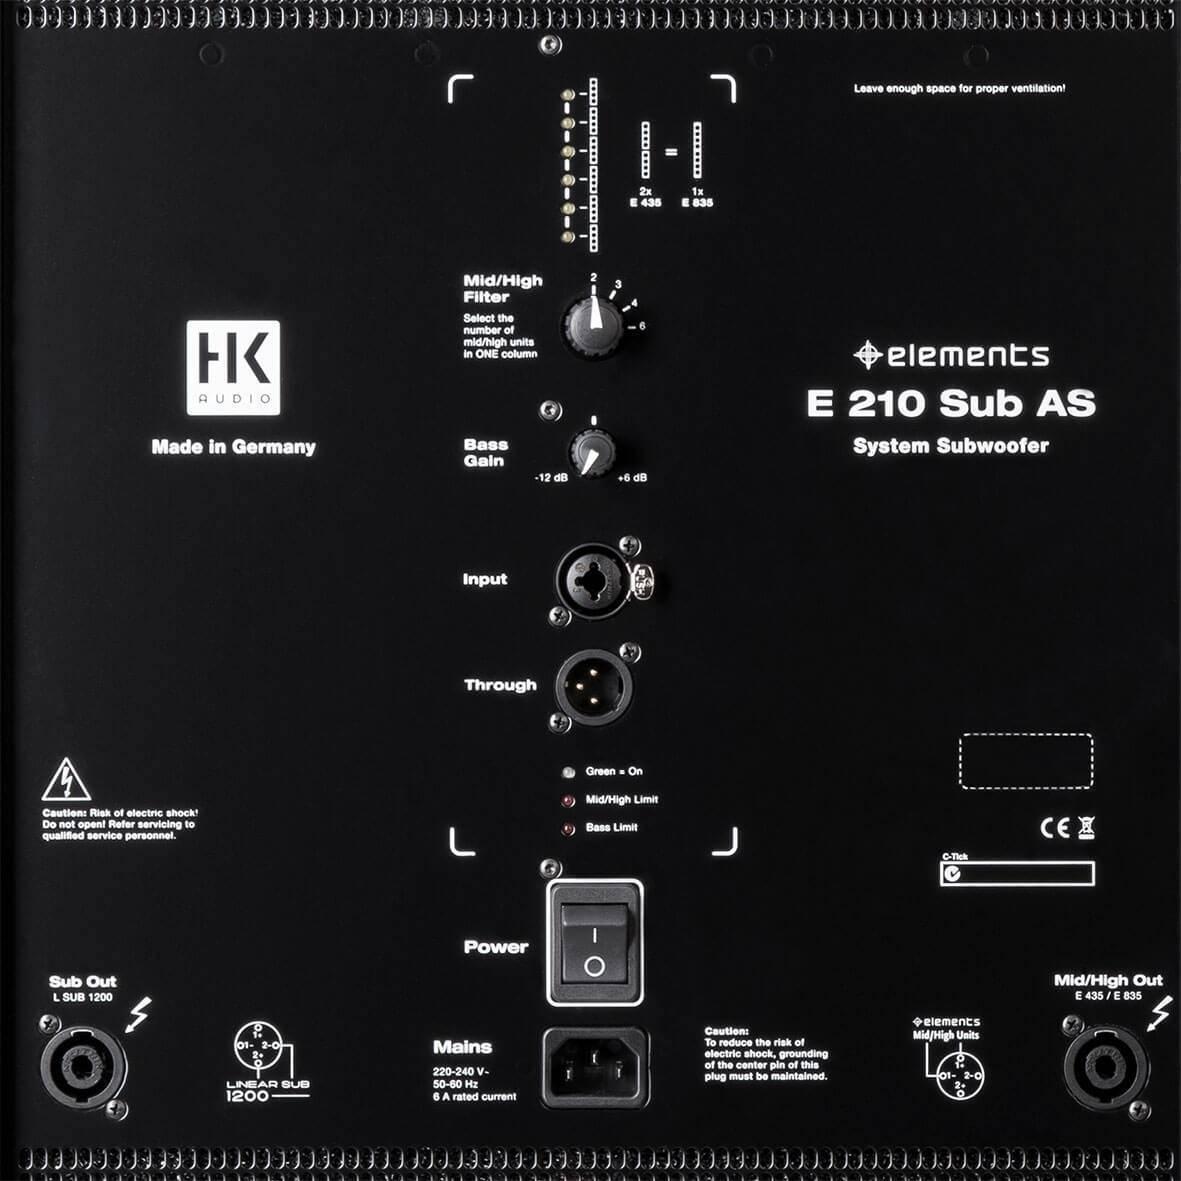 Elements HK E 210 SUB AS